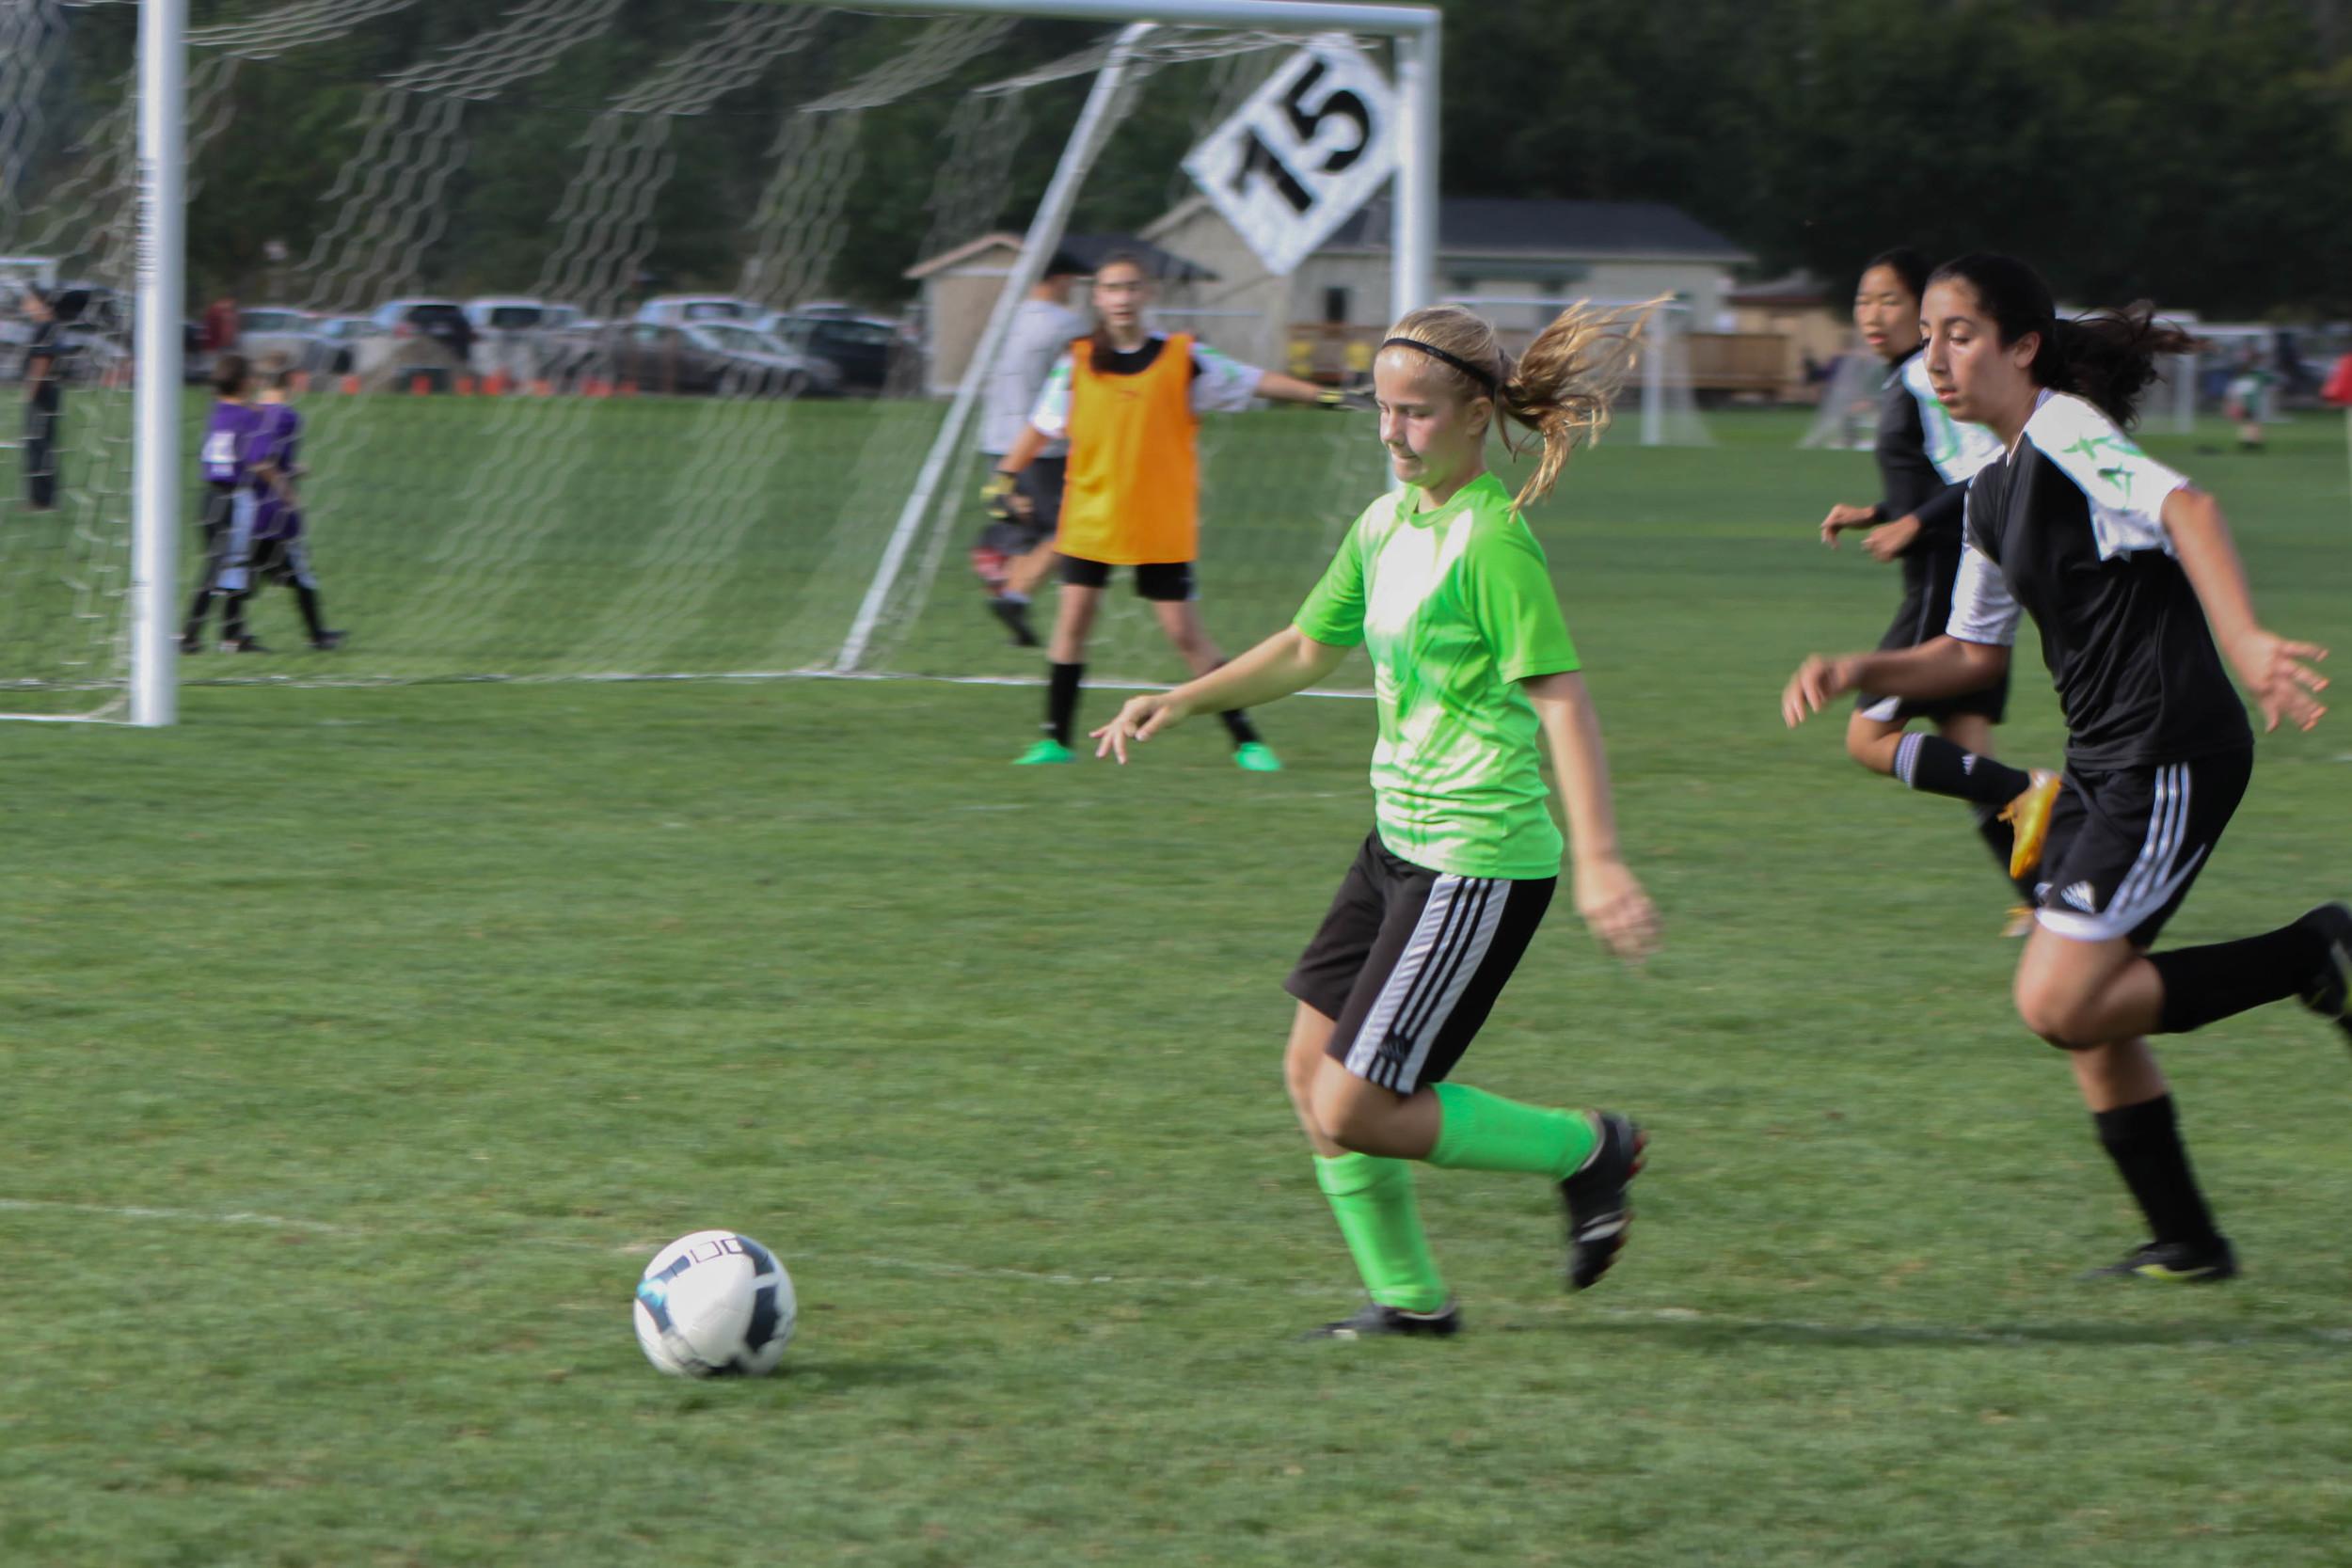 2013 Sept, soccer, Jessie, 3124 EDIT,-2.jpg